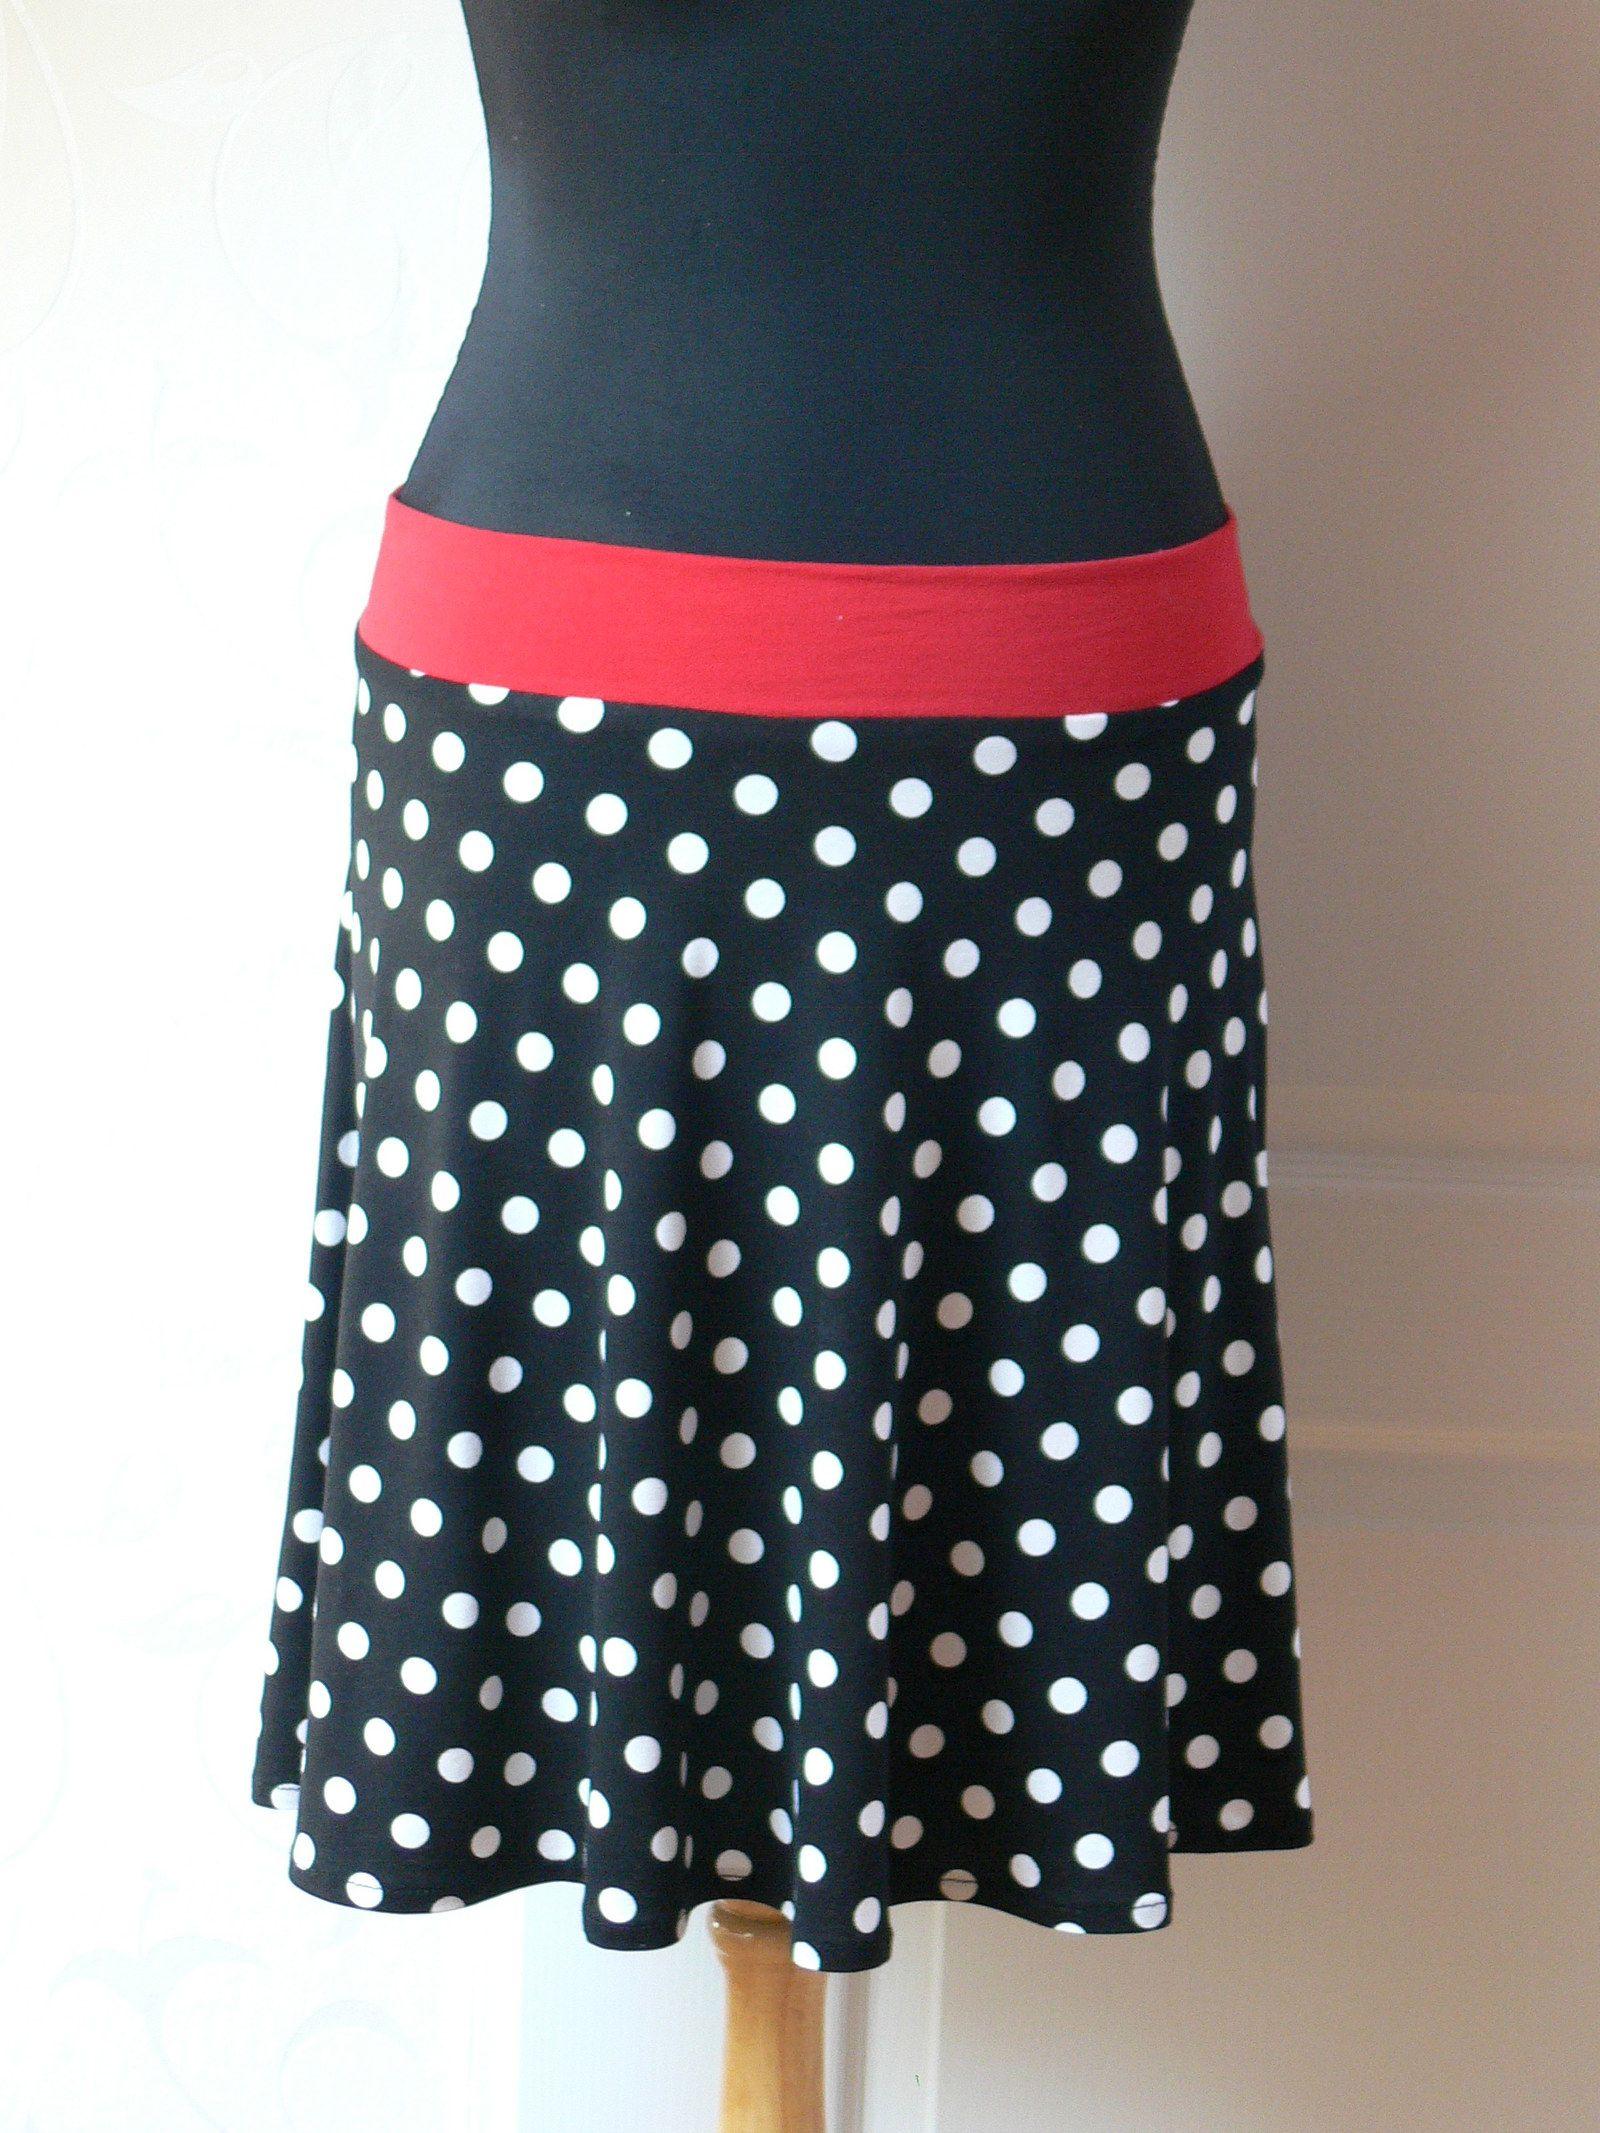 černá sukně s puntíky Sukně je půlkruhová. Zhotovená z úpletu. Složení  95% bb53e2b06b